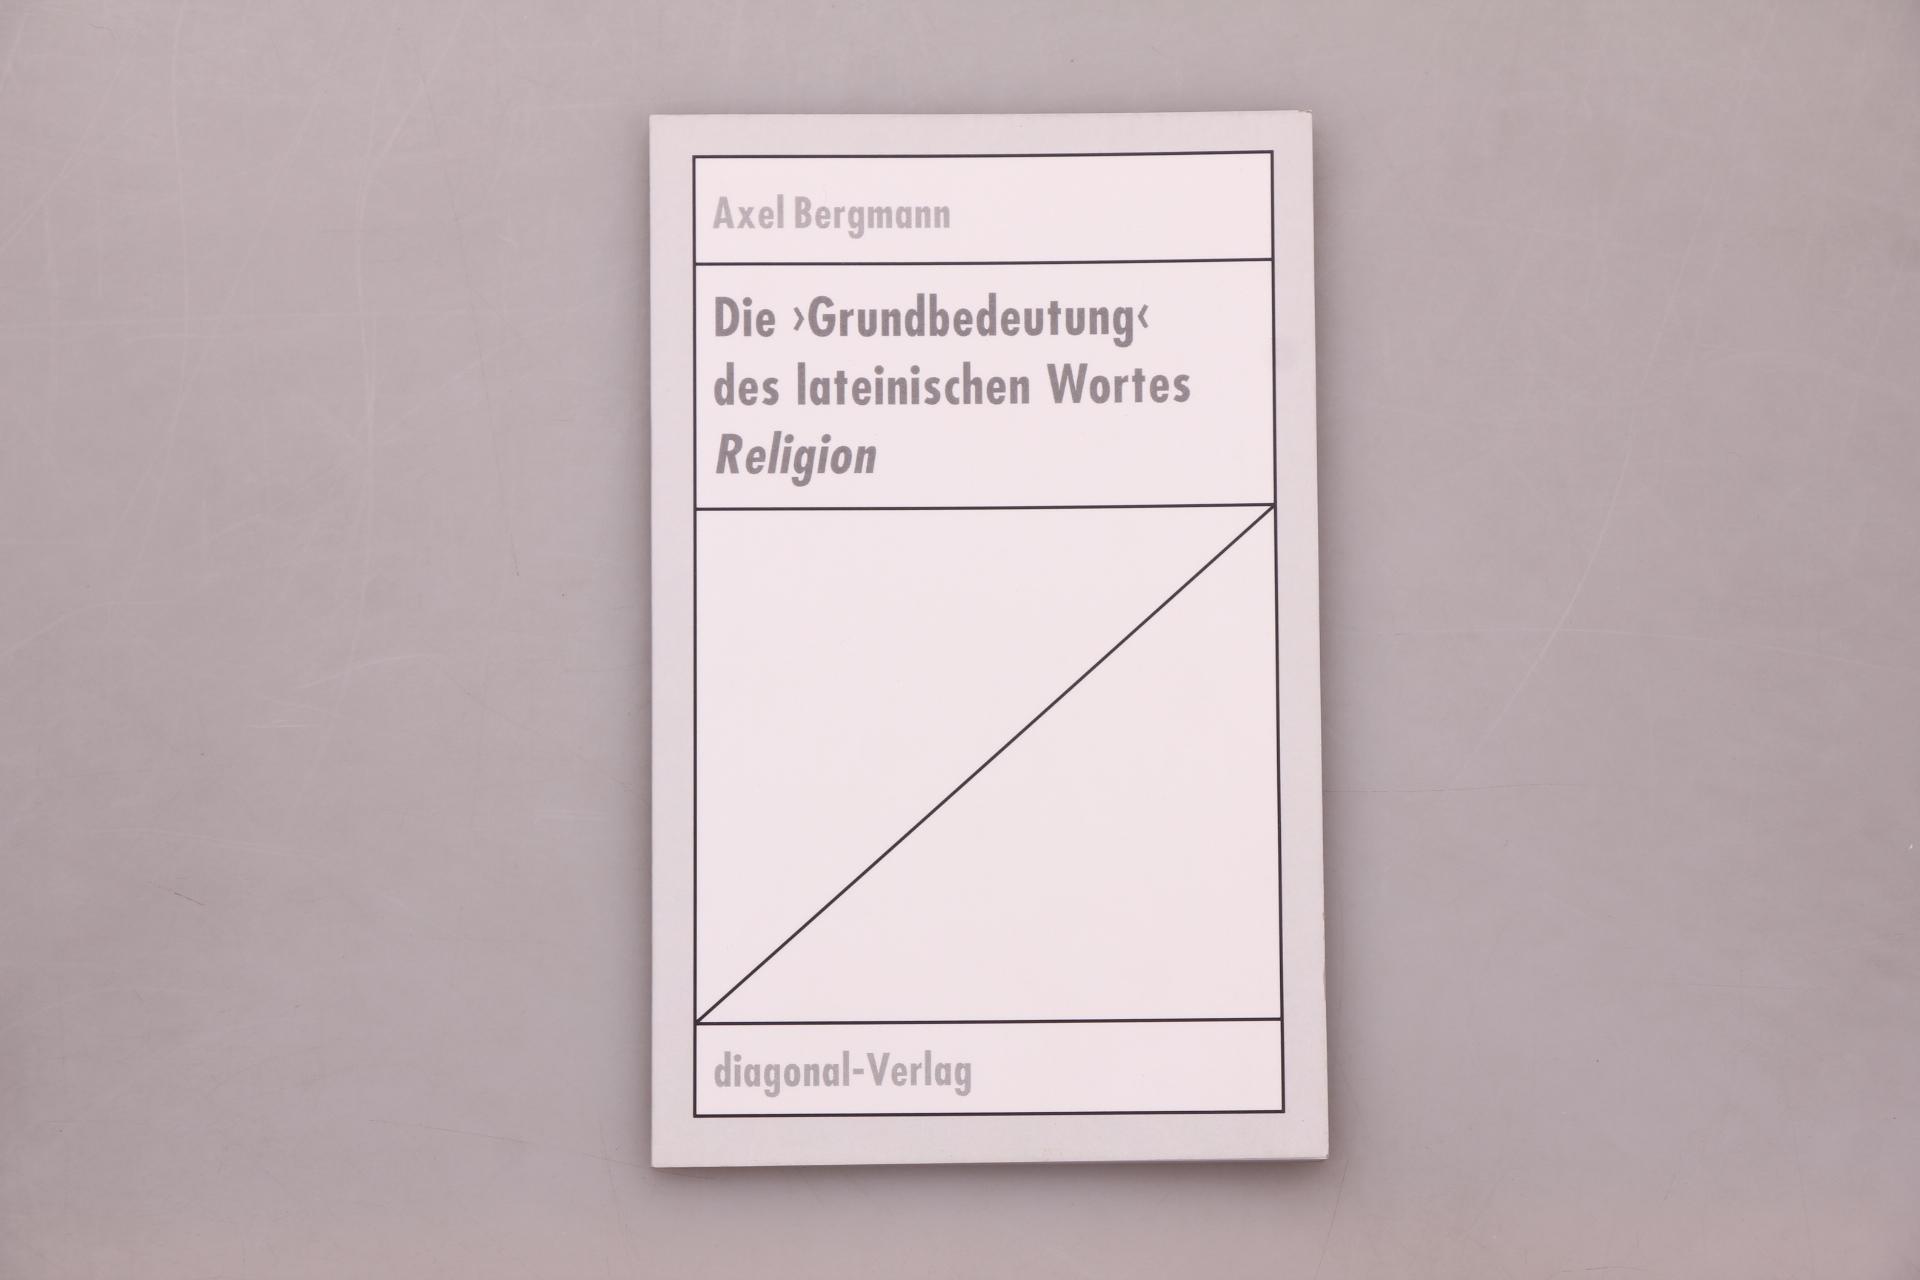 DIE GRUNDBEDEUTUNG DES LATEINISCHEN WORTES RELIGION